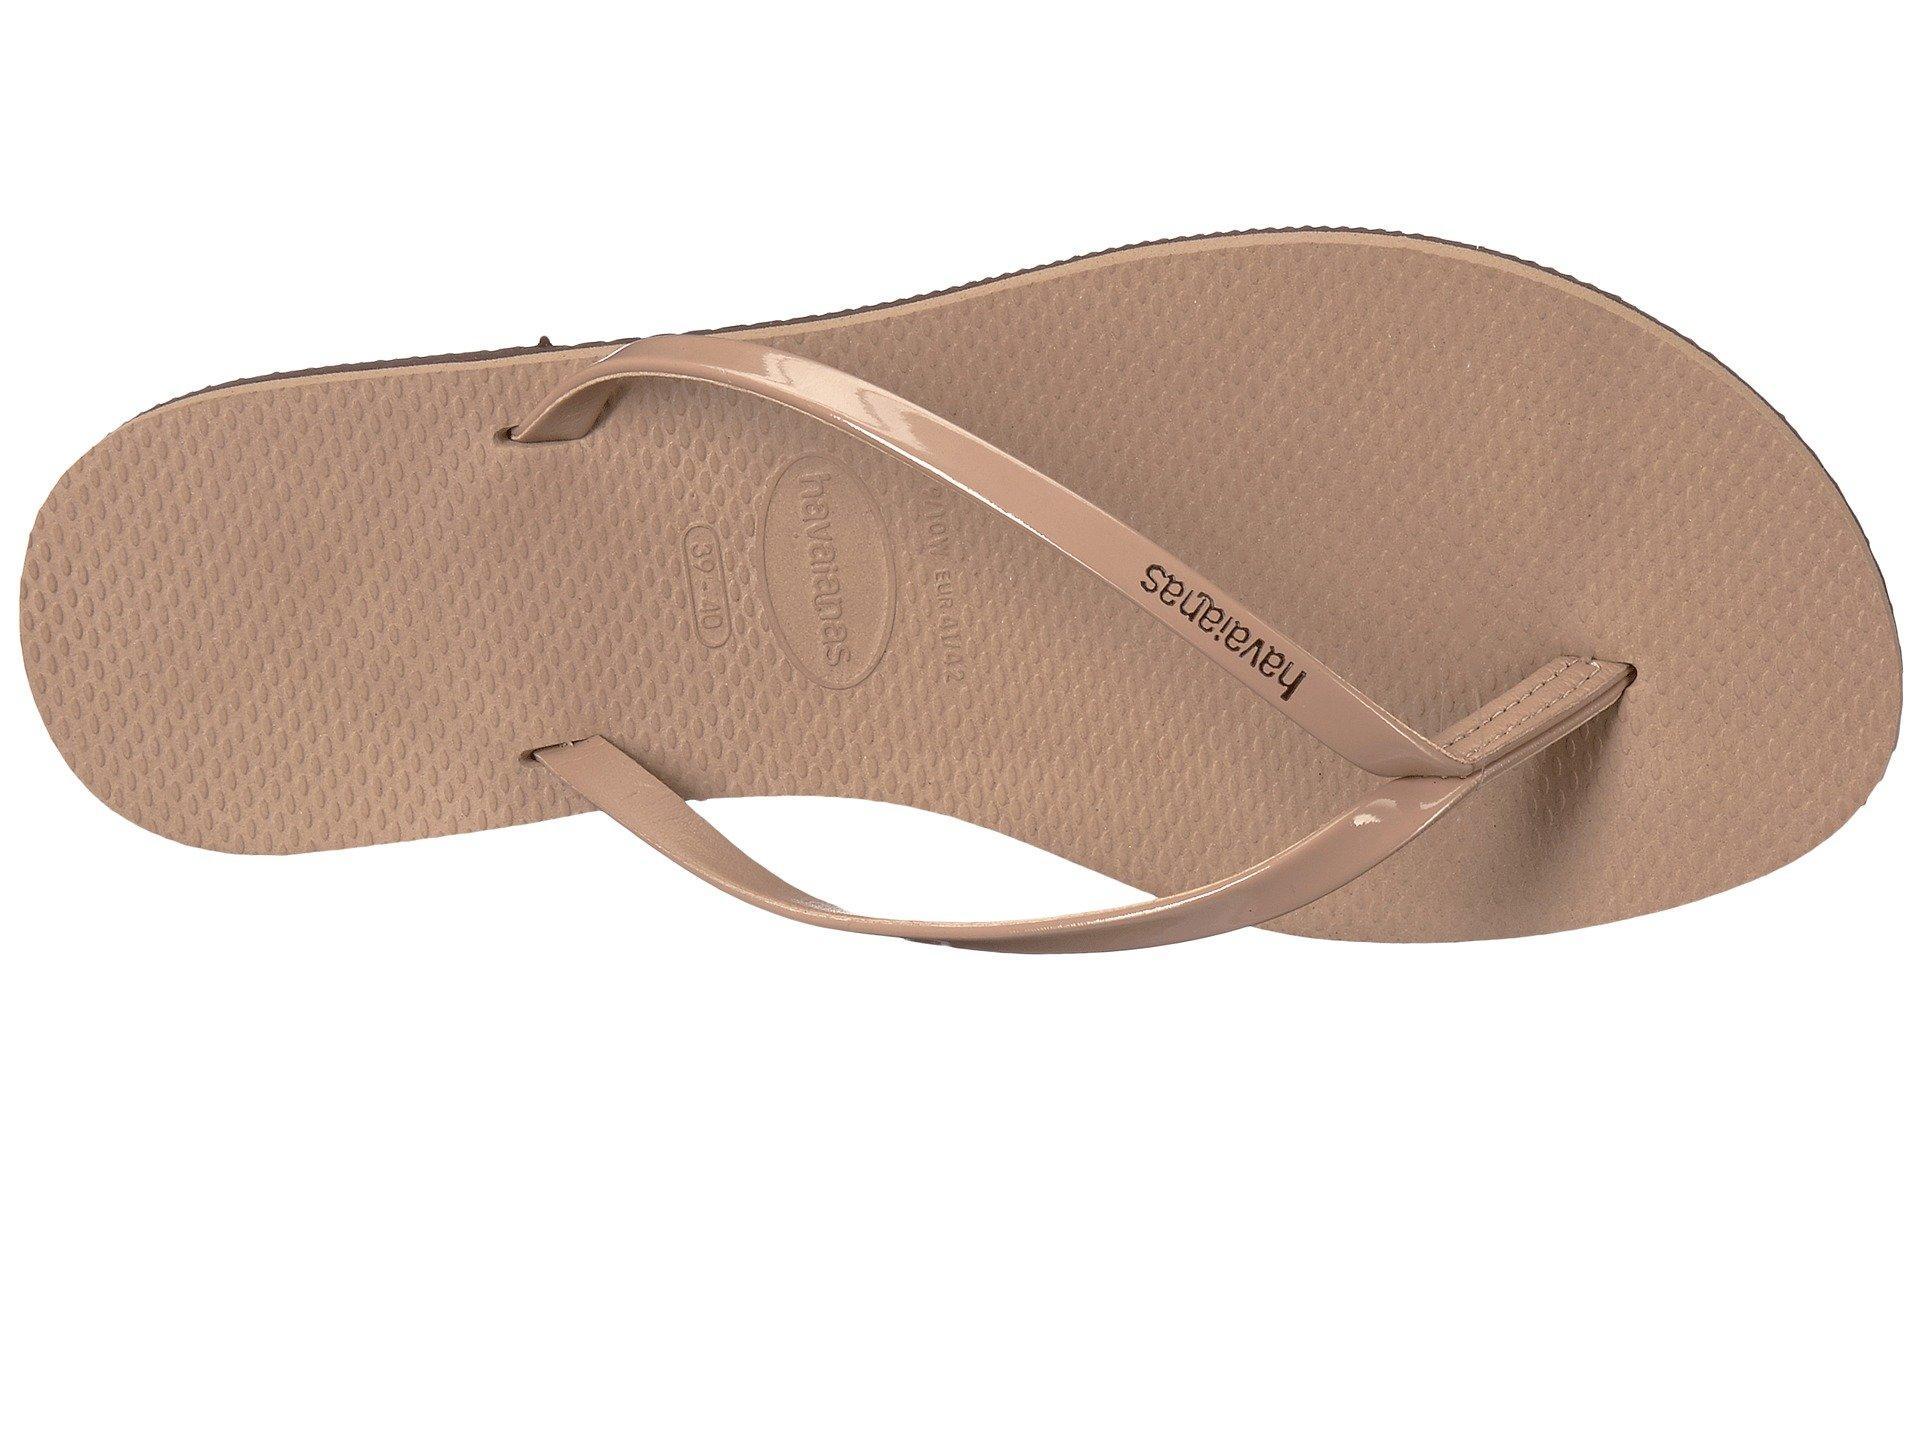 8bed78012c77 Lyst - Havaianas You Metallic Flip Flops (steel Blue) Women s Sandals